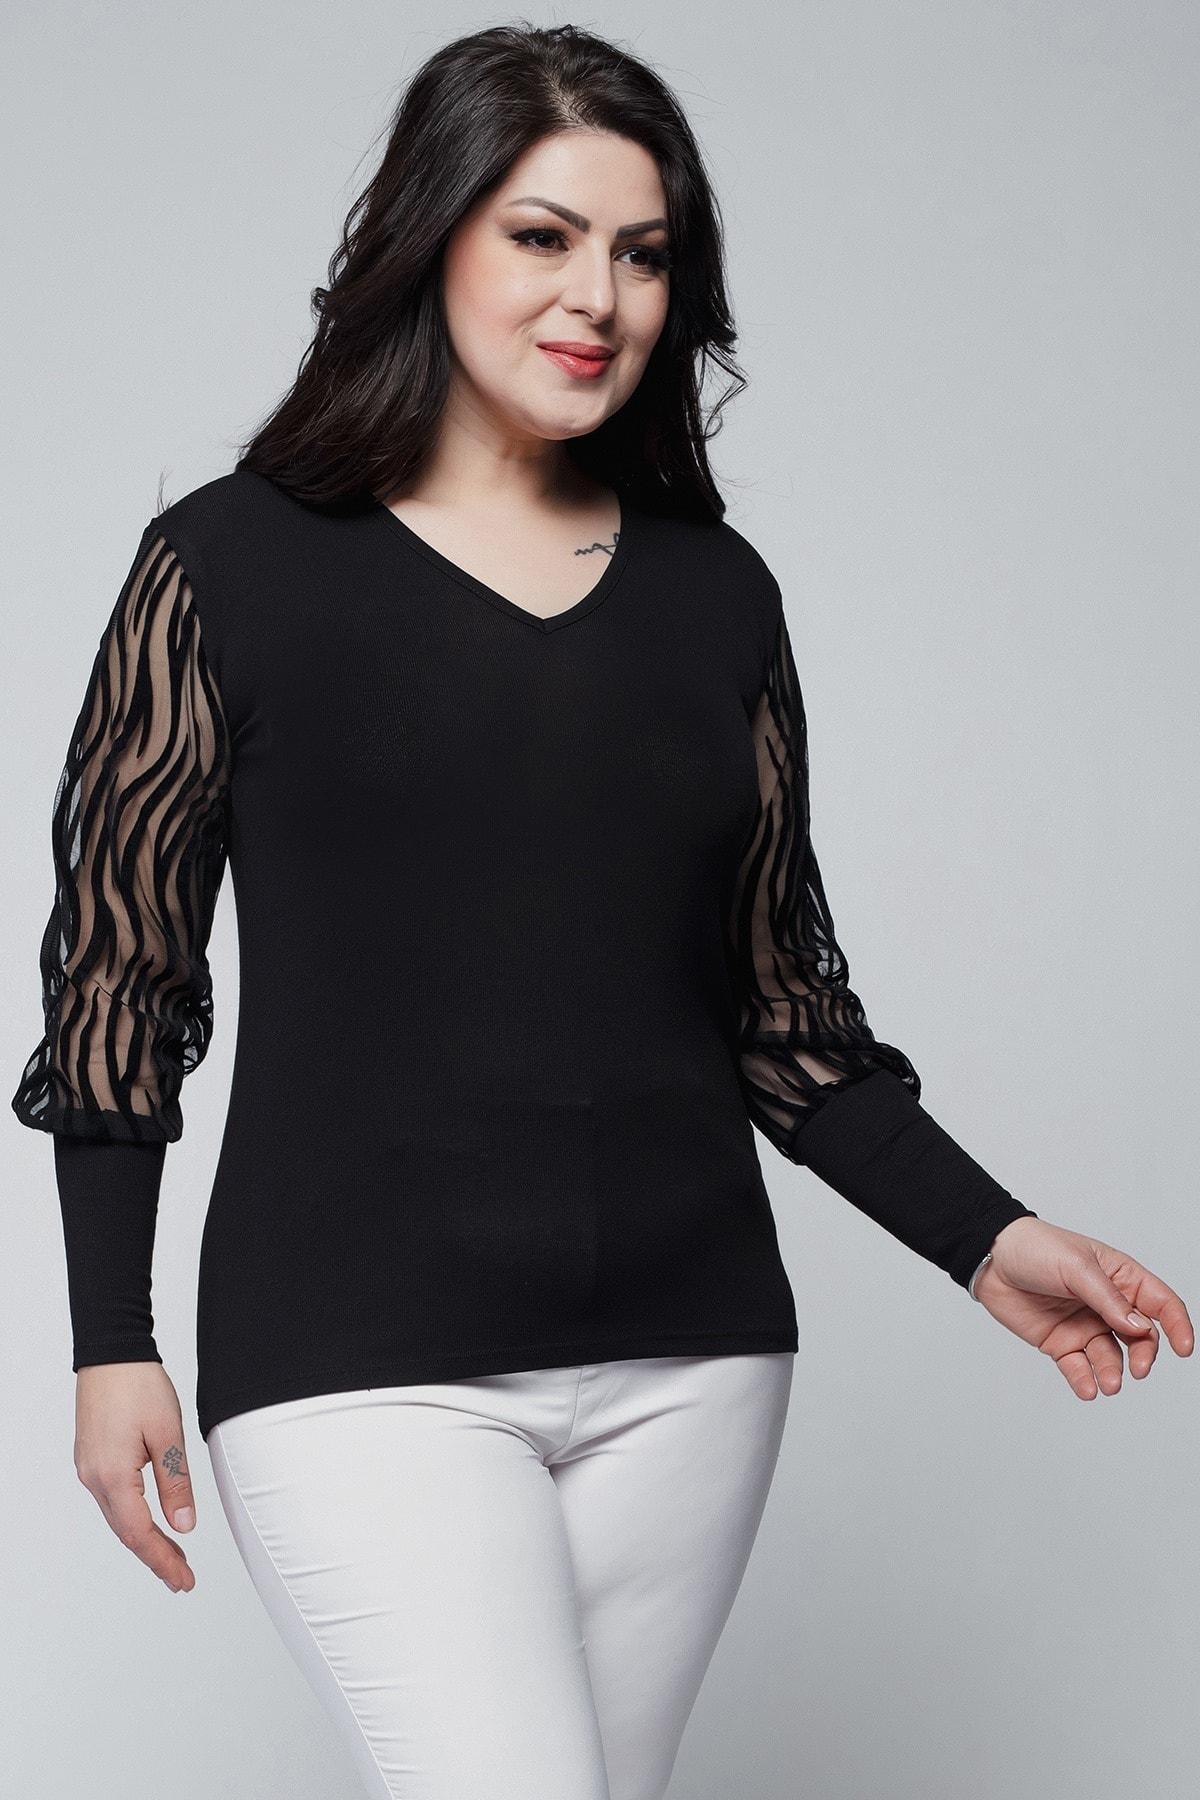 Ebsumu Kadın Büyük Beden Kolları Transparan Süet Dal Detay Siyah Bluz 2